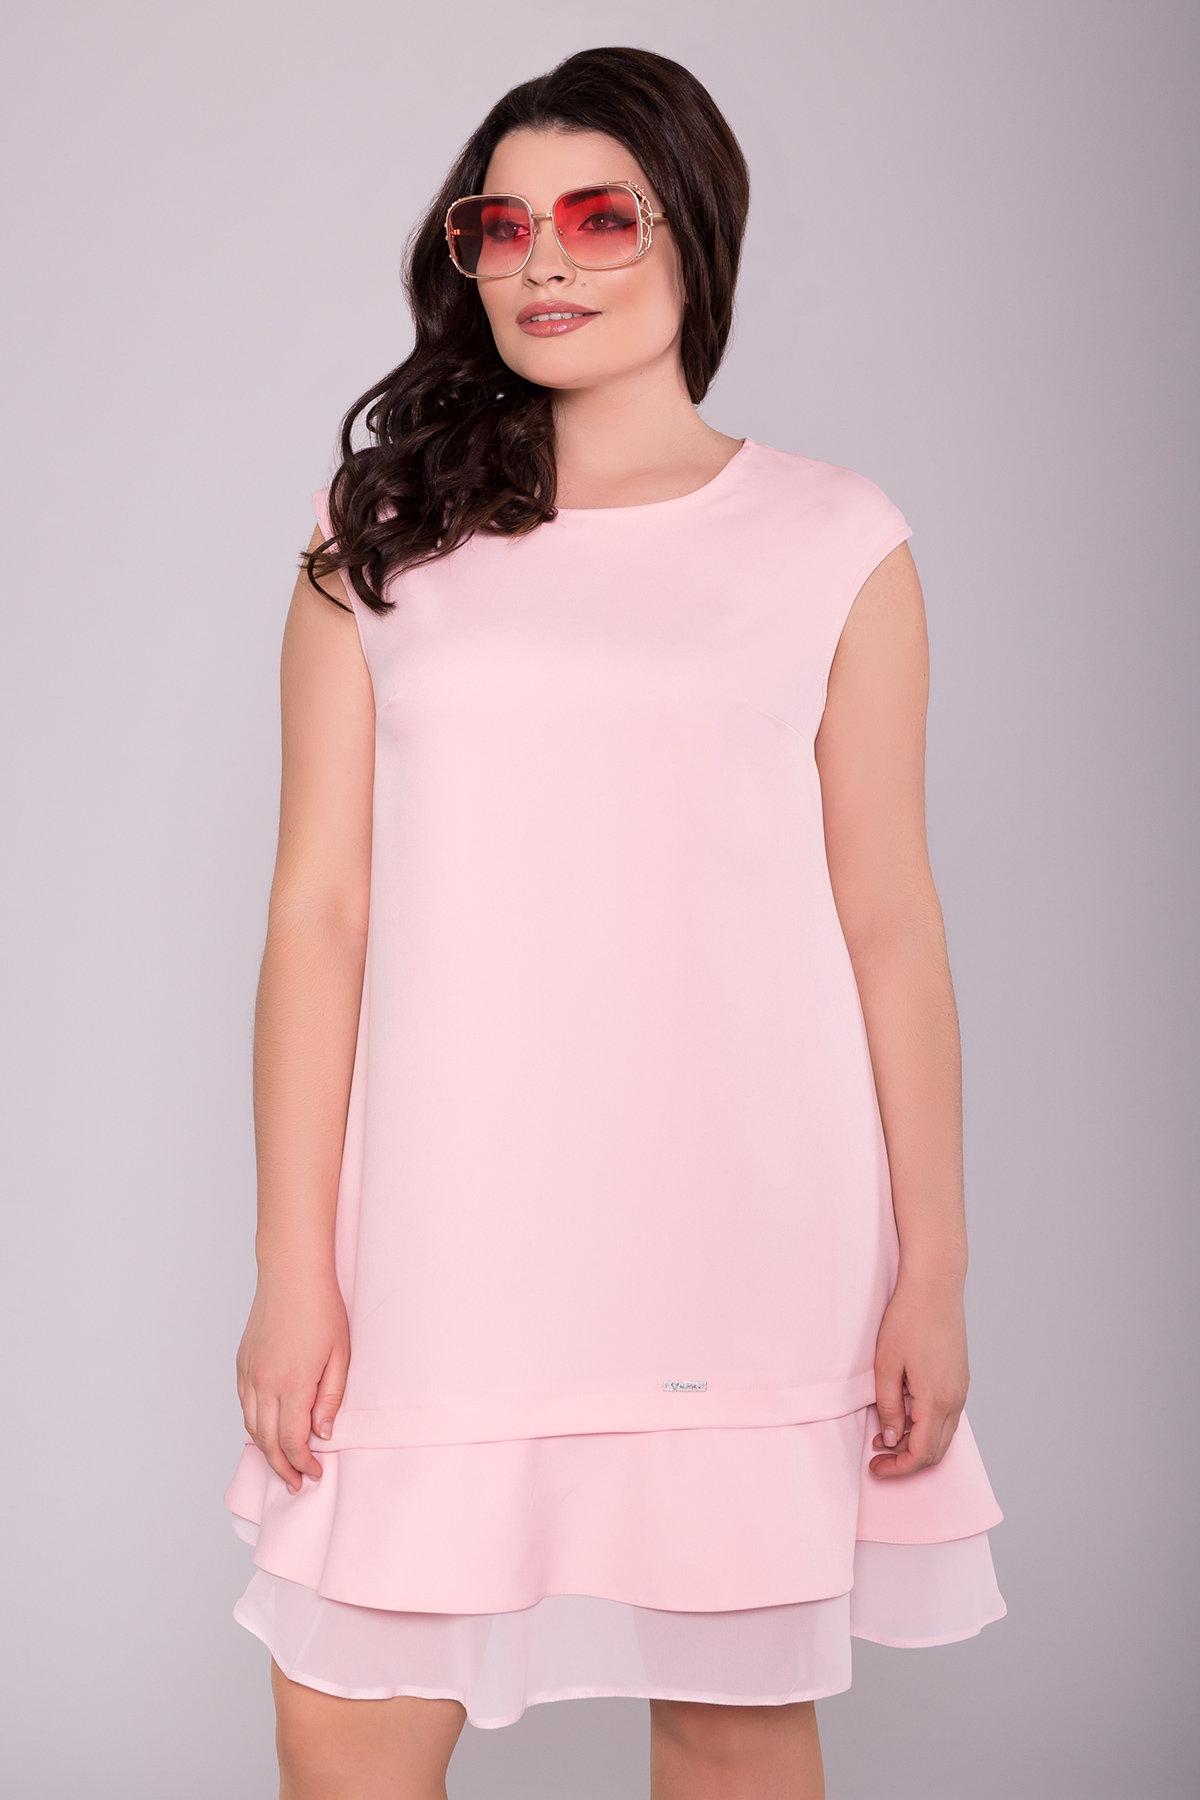 Платье Холли DONNA 6834 АРТ. 42050 Цвет: Пудра 6 - фото 3, интернет магазин tm-modus.ru